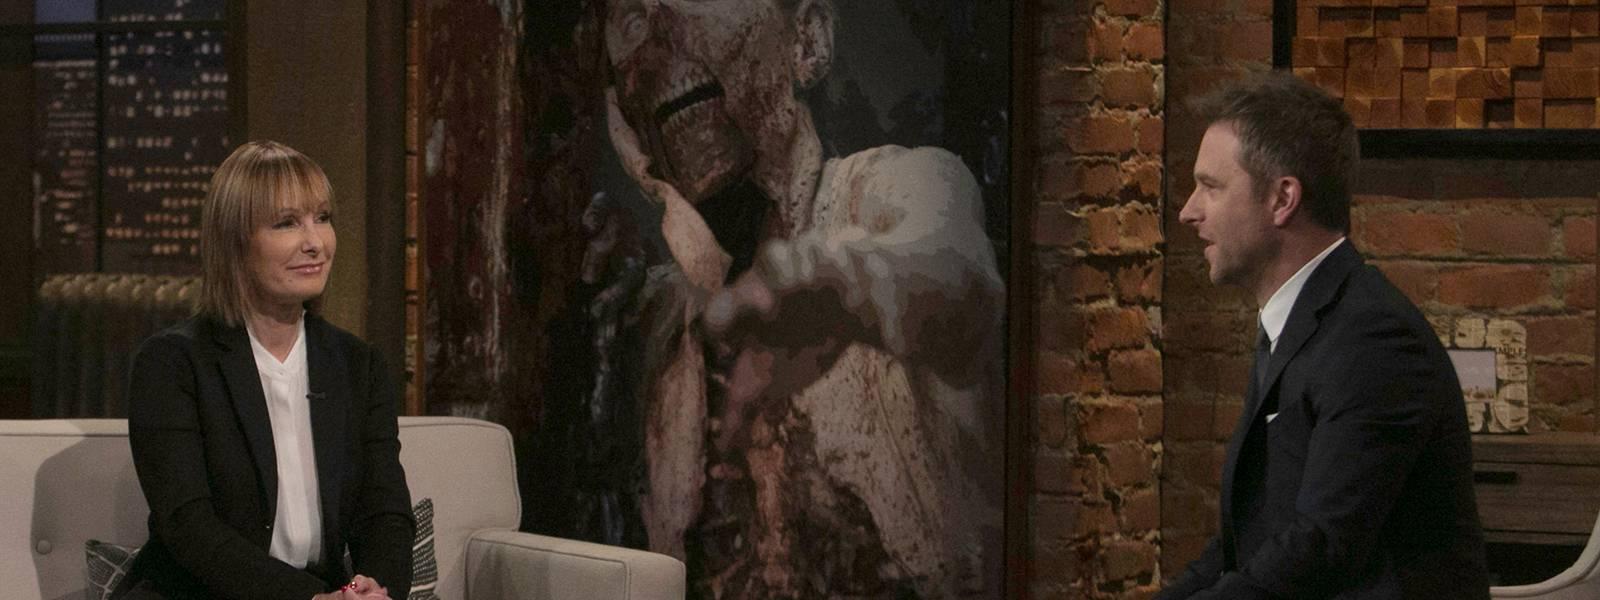 talking-dead-episode-721-gale-anne-hurd-chris-hardwick-800×600